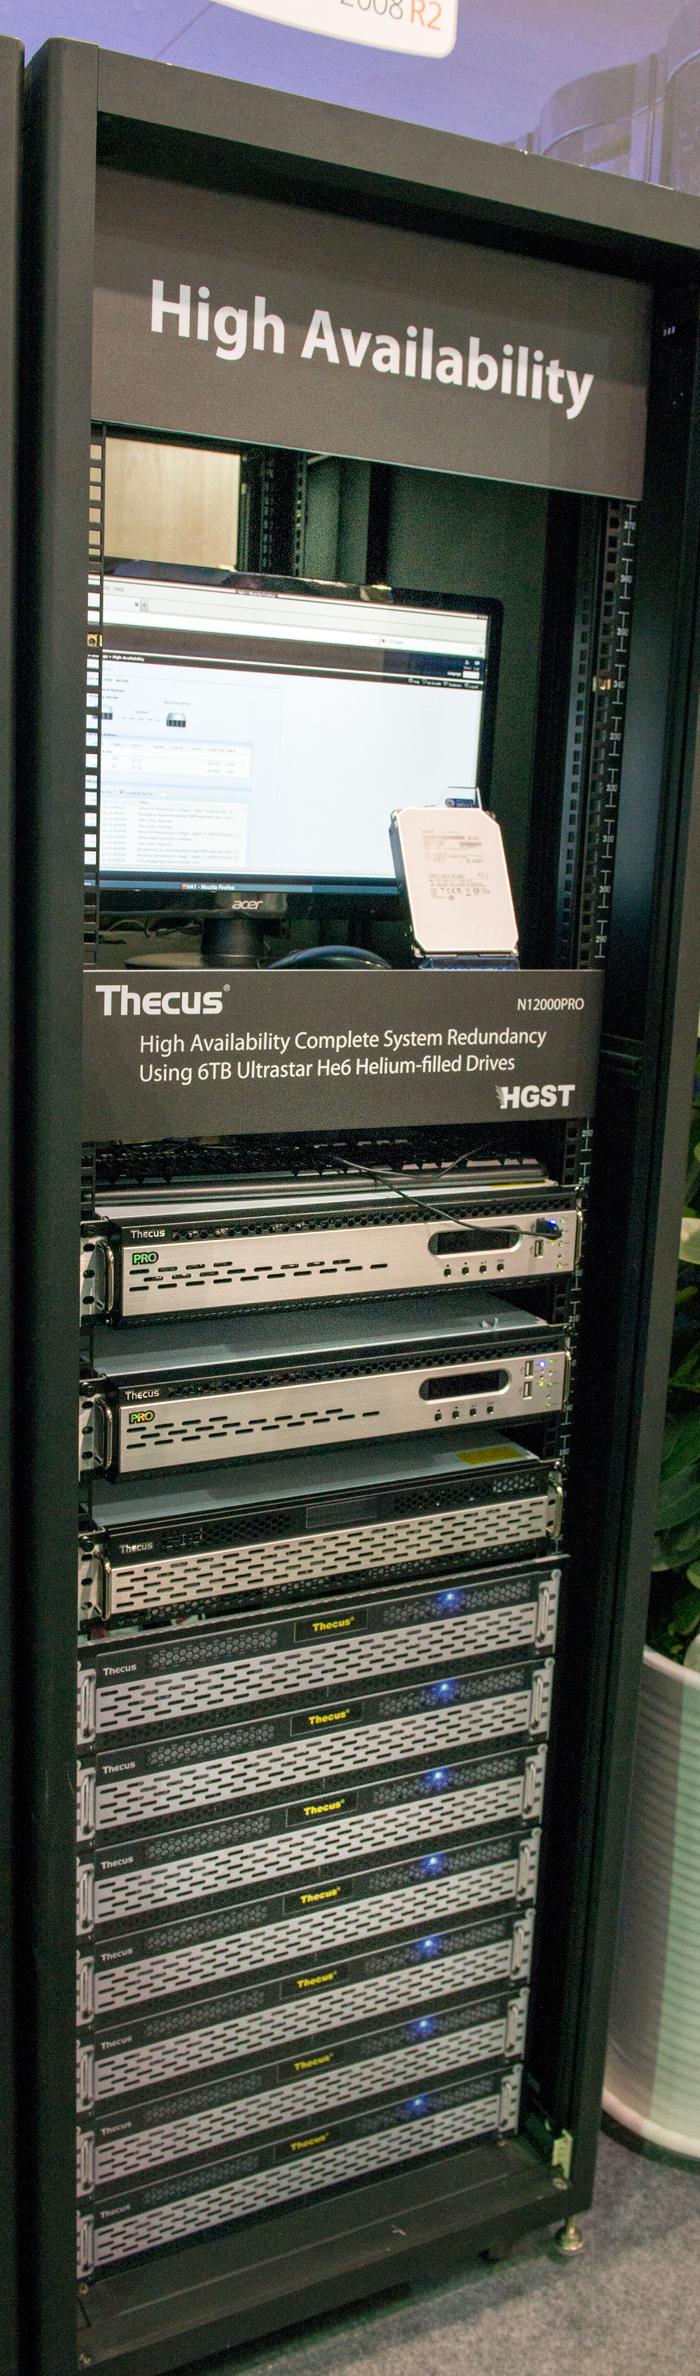 Thecus Computex 2014